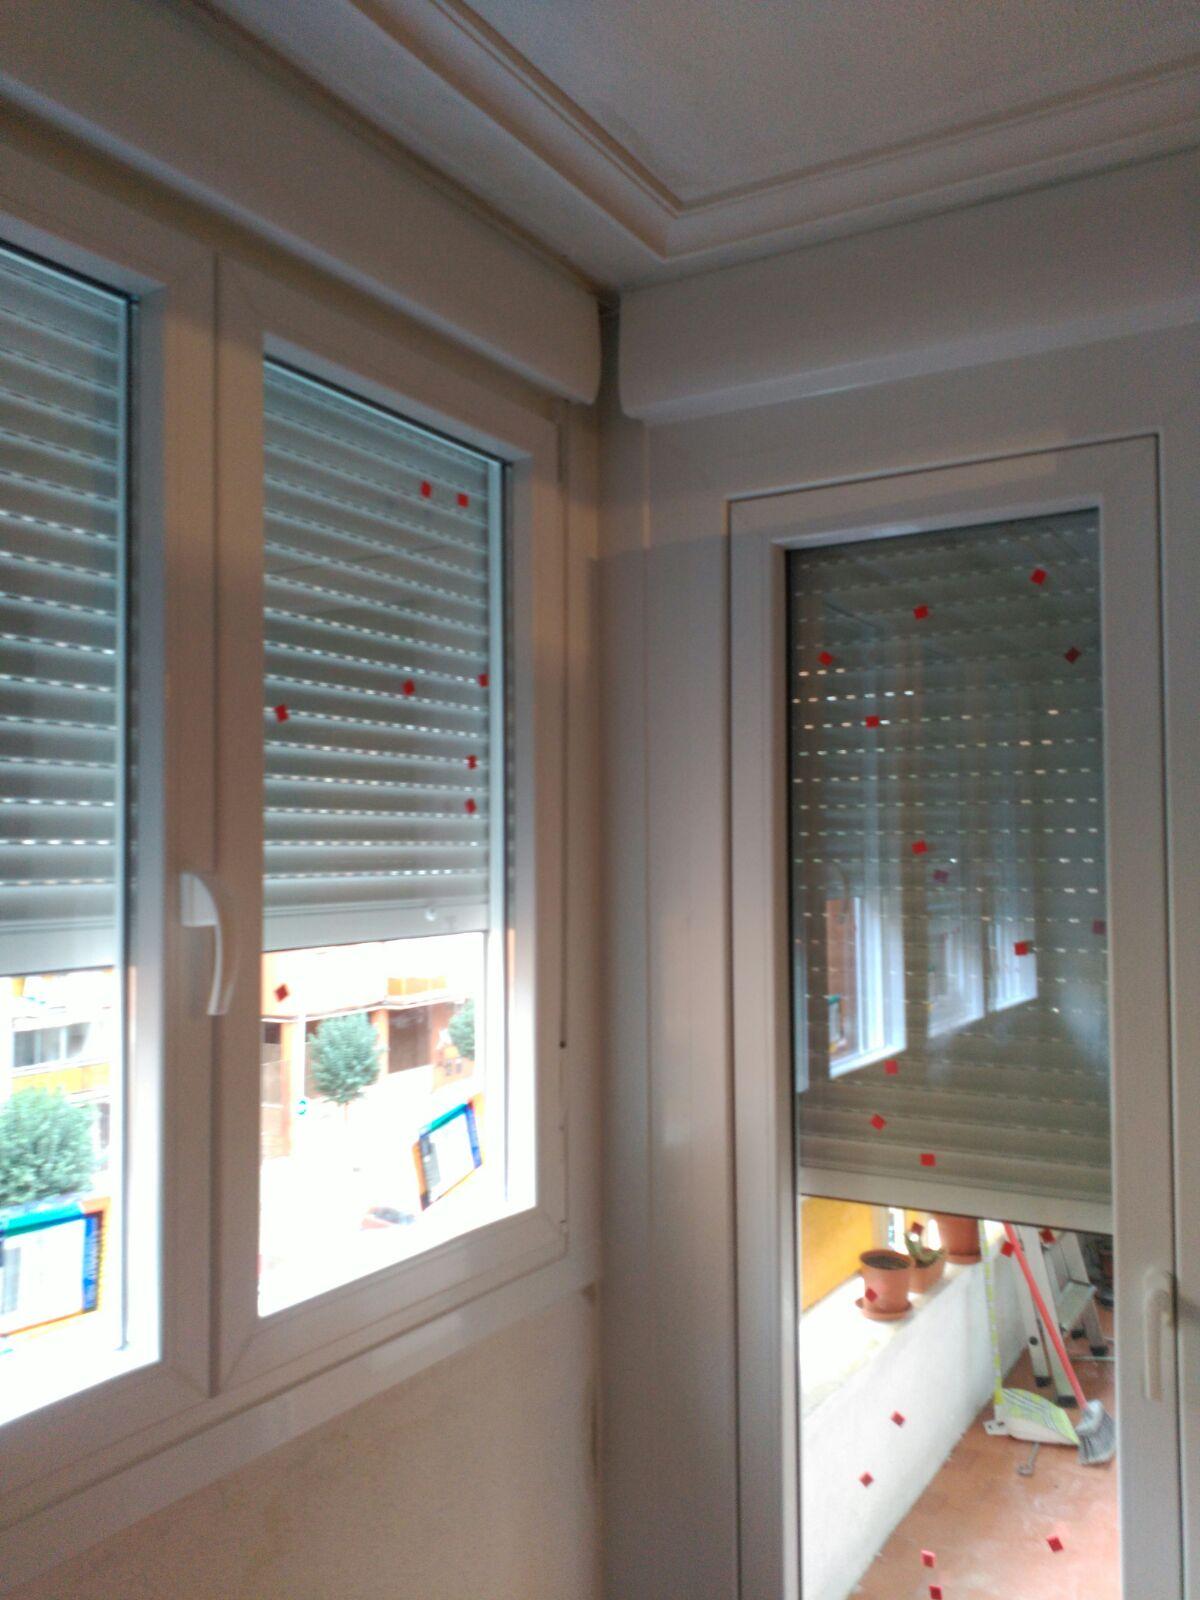 Trabajos realizados e instalados con pvc en madrid - Puertas para cerramientos ...